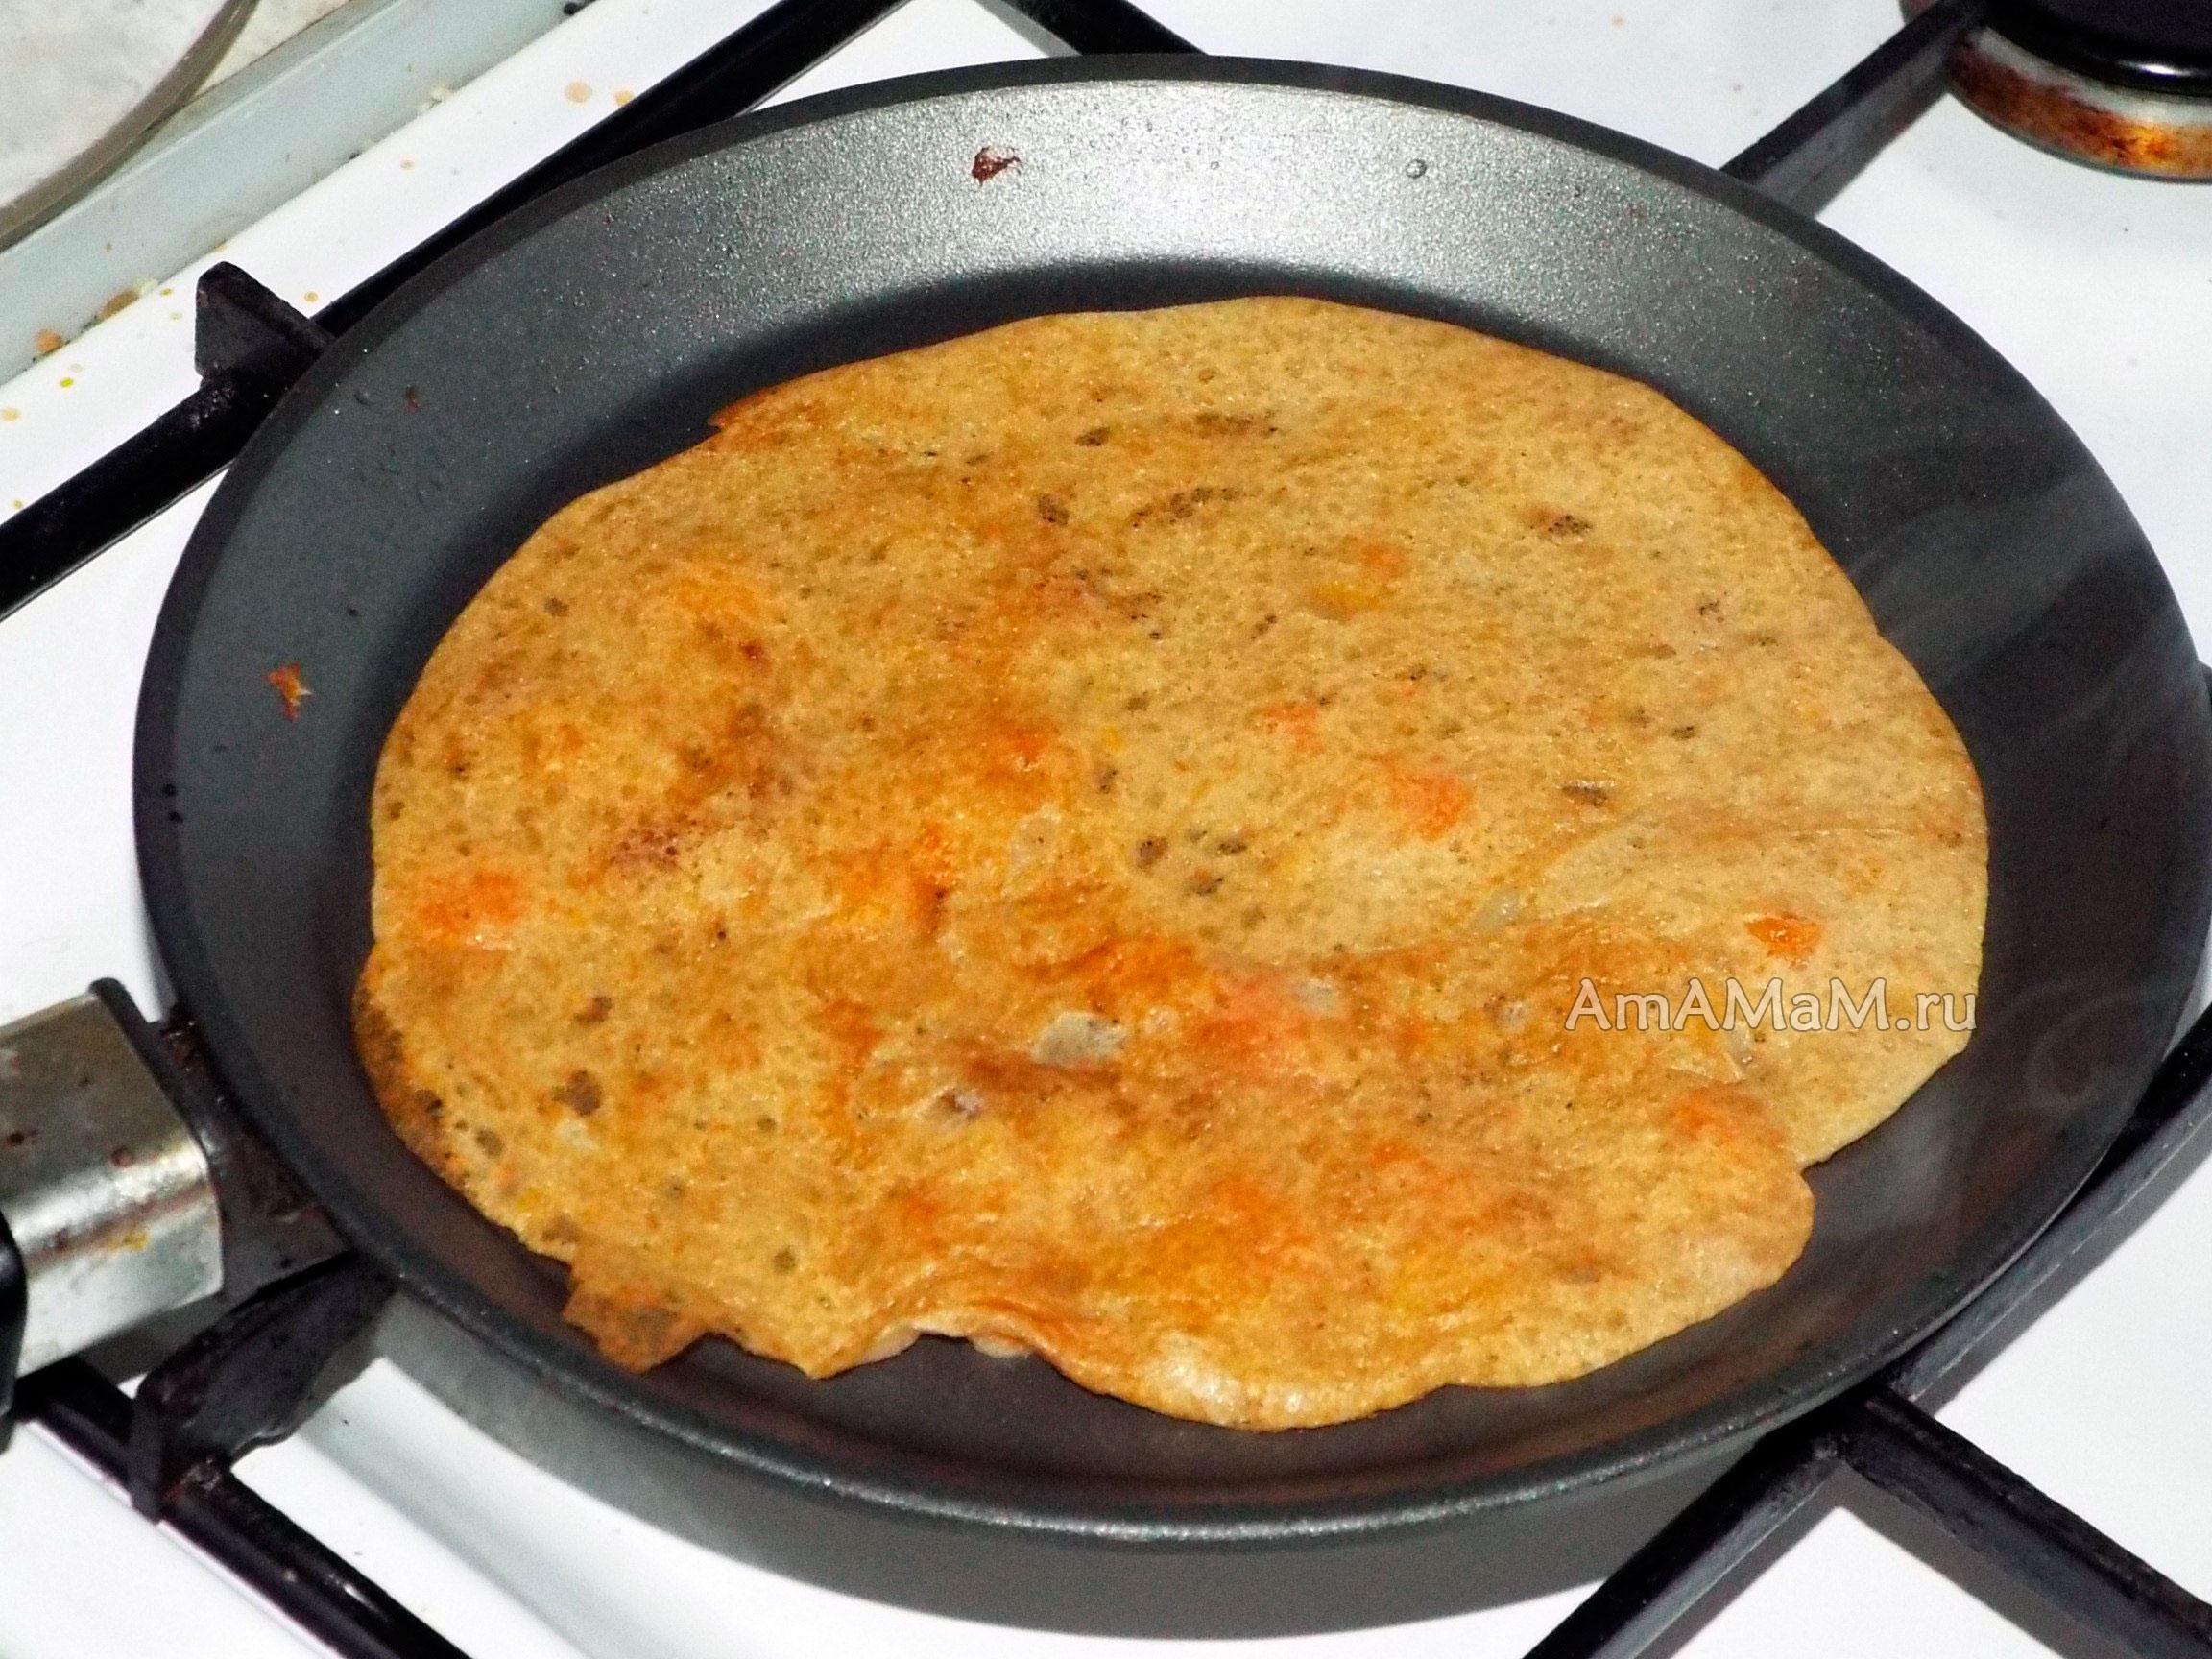 блины на воде с яйцами пошаговый рецепт тонкие с дырочками с кипятком фото